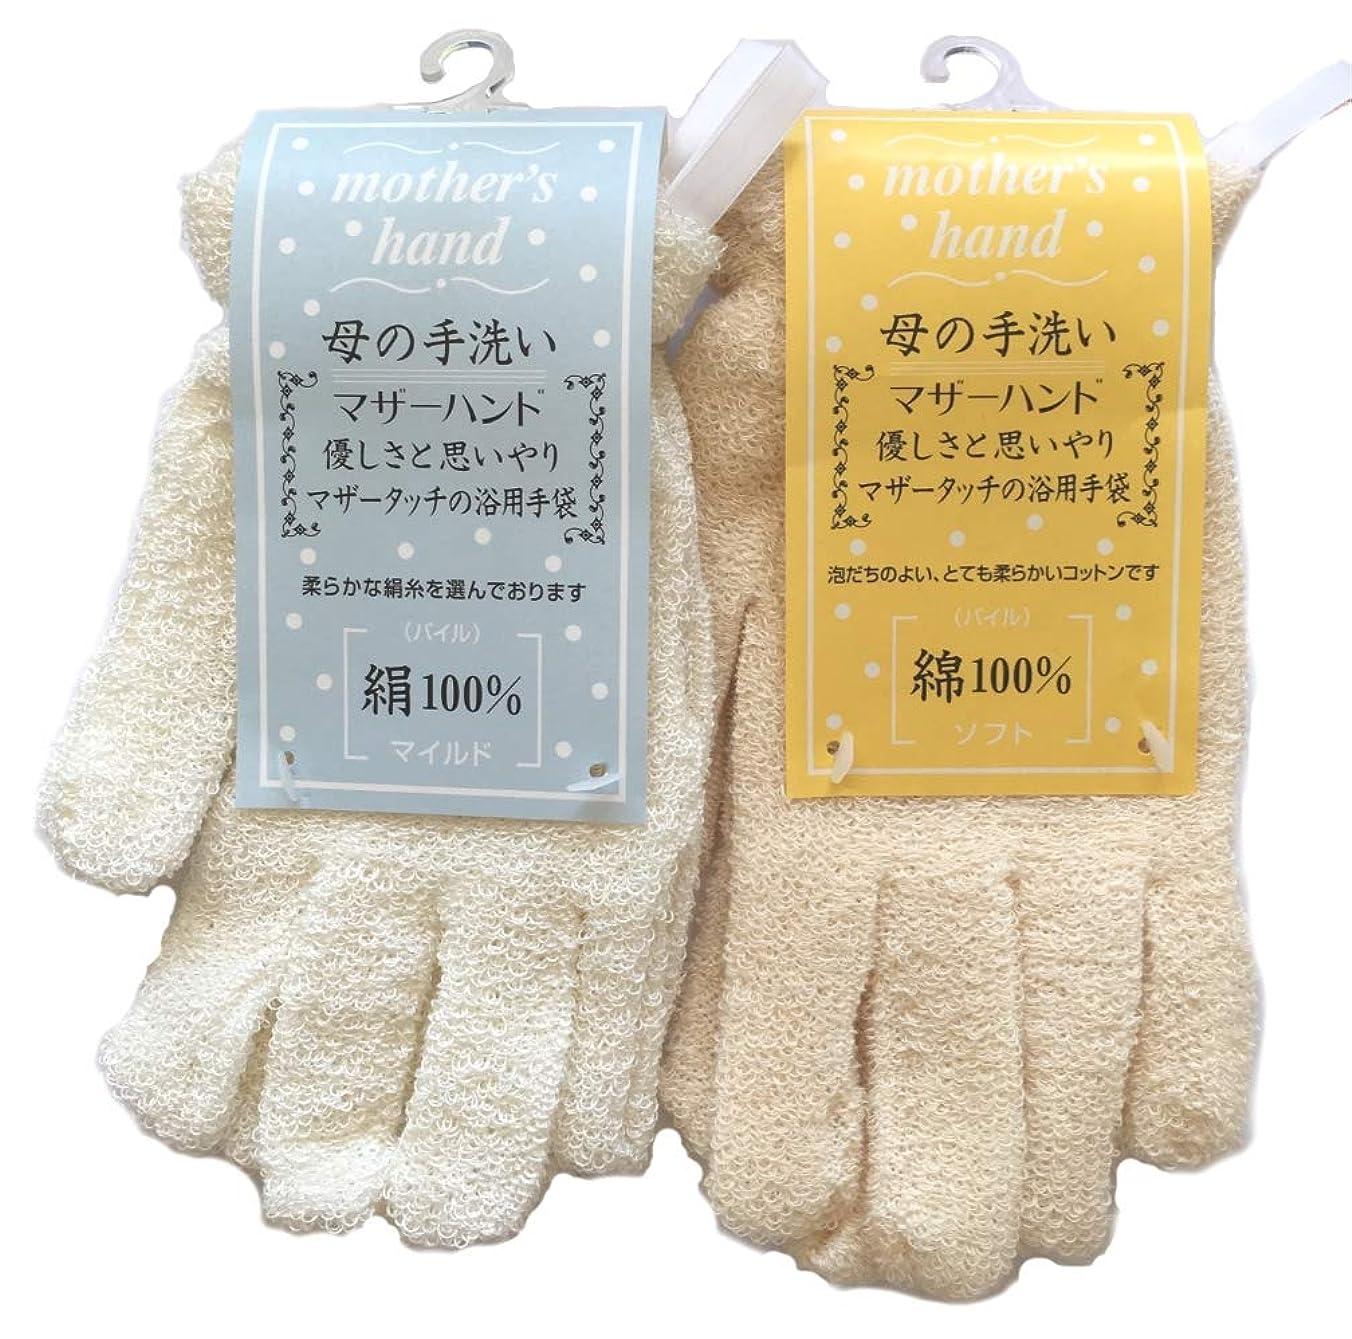 雪のタックフクロウマザーハンド ソフト(綿100%)マイルド(絹100%) セット